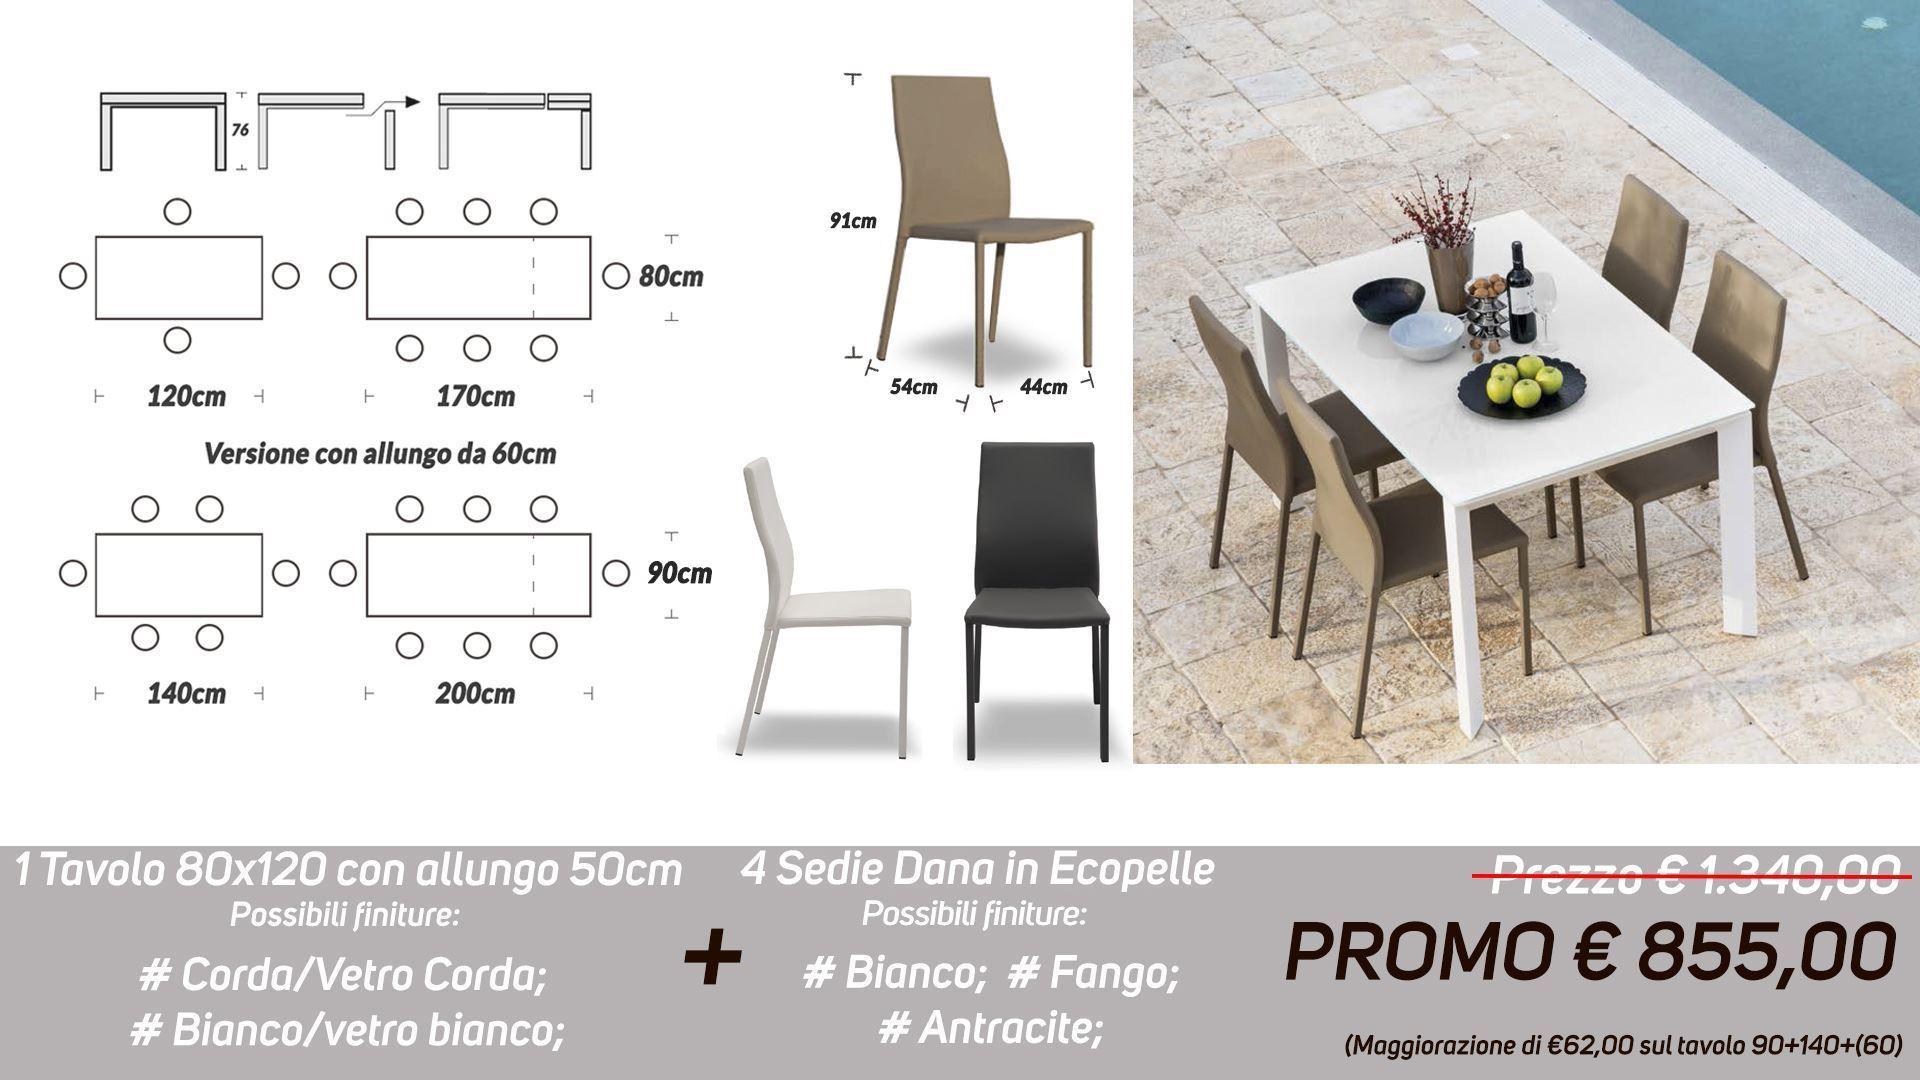 Offerte Tavoli Allungabili E Sedie.Vendita Online Di Mobili Per La Casa E L Ufficio Tavolo E Sedie In